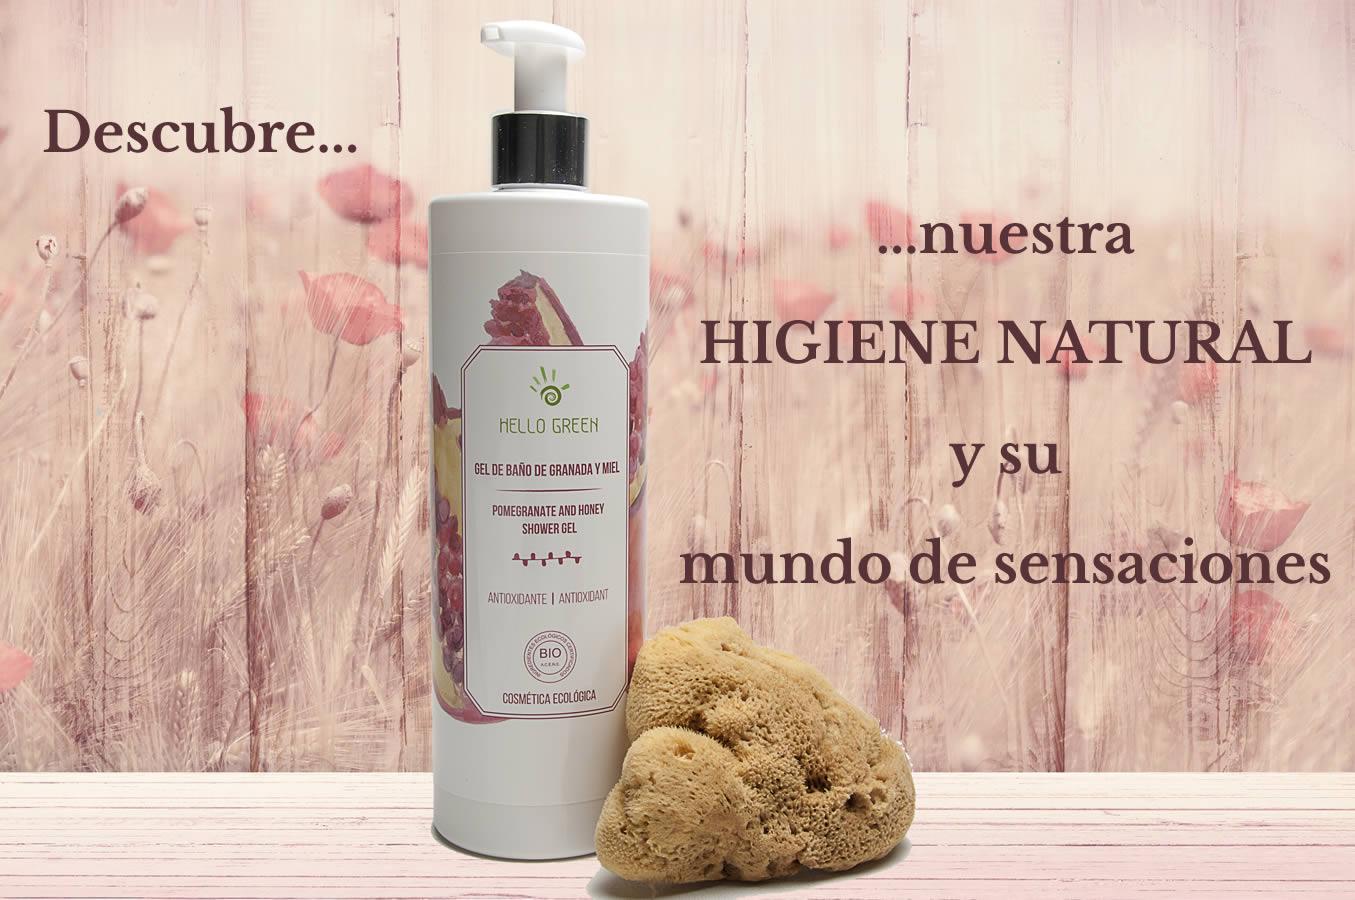 HigieneNatural